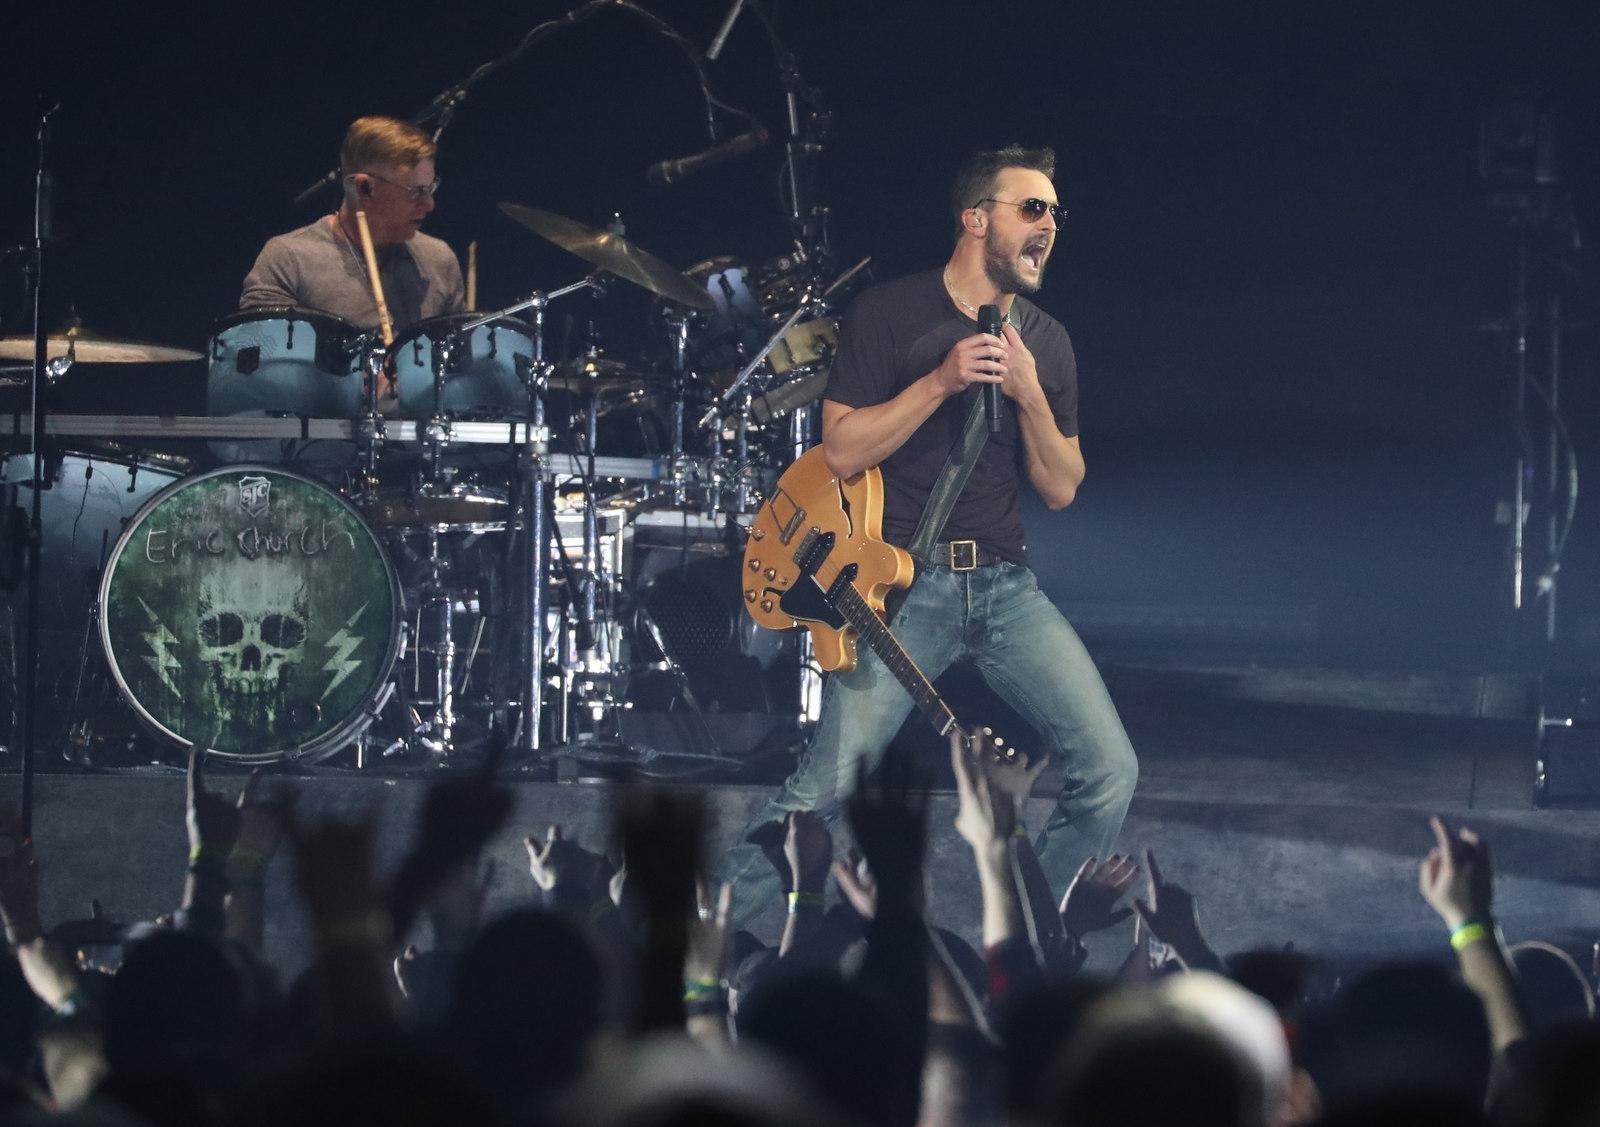 Eric Church performs at KeyBank Center. (Sharon Cantillon/Buffalo News)